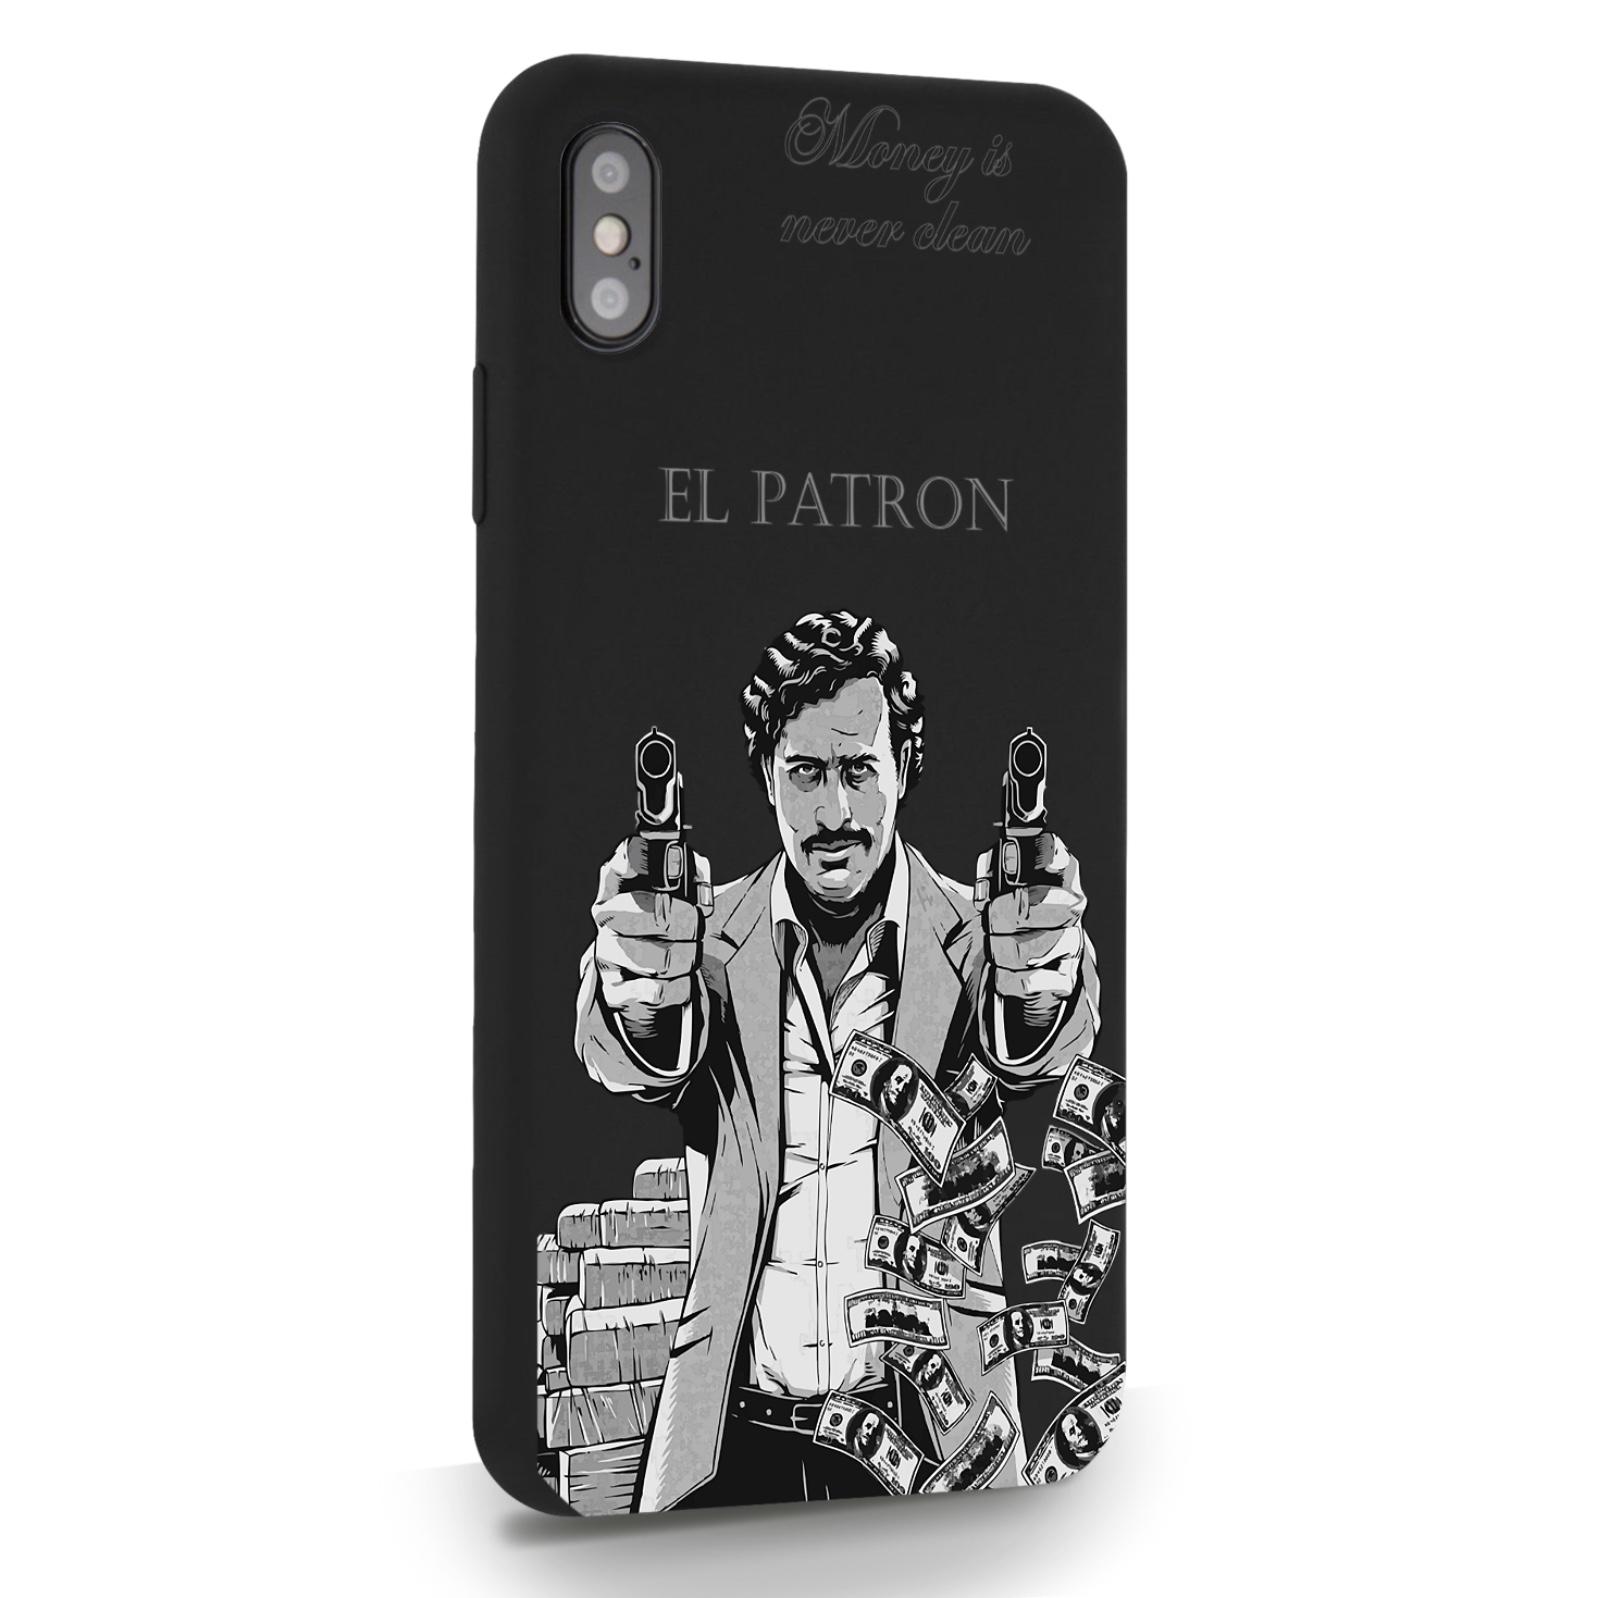 Черный силиконовый чехол для iPhone XsMax El Patron Pablo Escobar Пабло Эскобар для Айфон 10С Макс